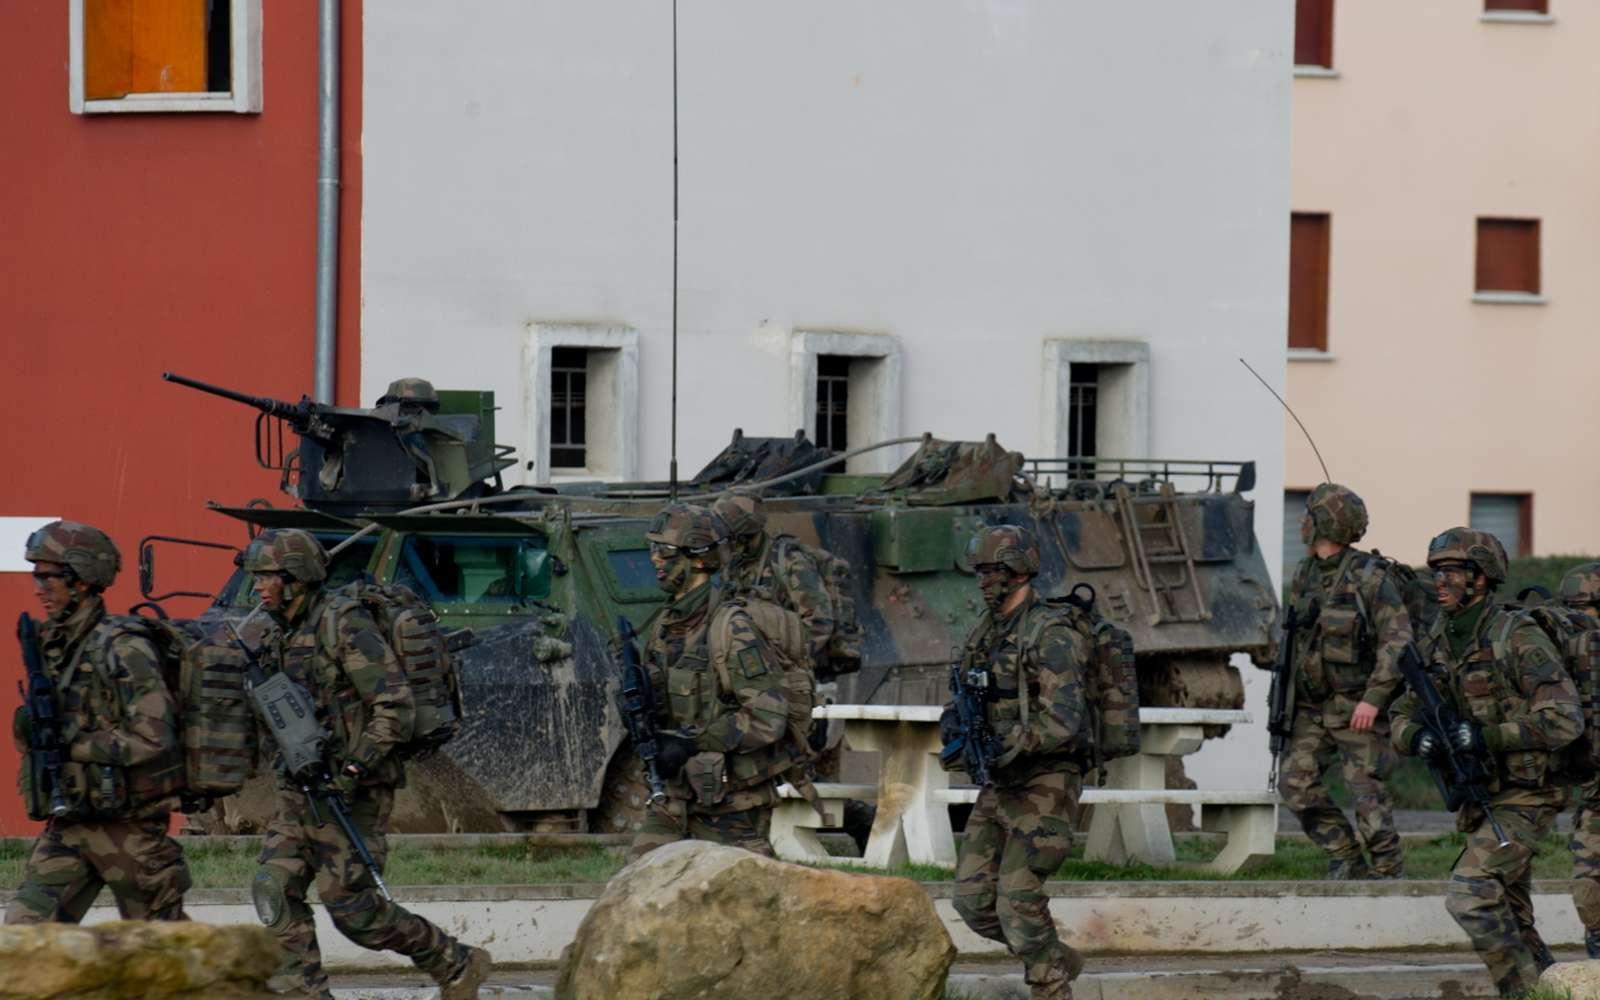 Des casques bardés de capteurs sonores, des jumelles de visée déportée, des équipements électroniques à piles à combustibles, mais pas d'implants définitifs pour les soldats du futur de l'armée française. © Futura